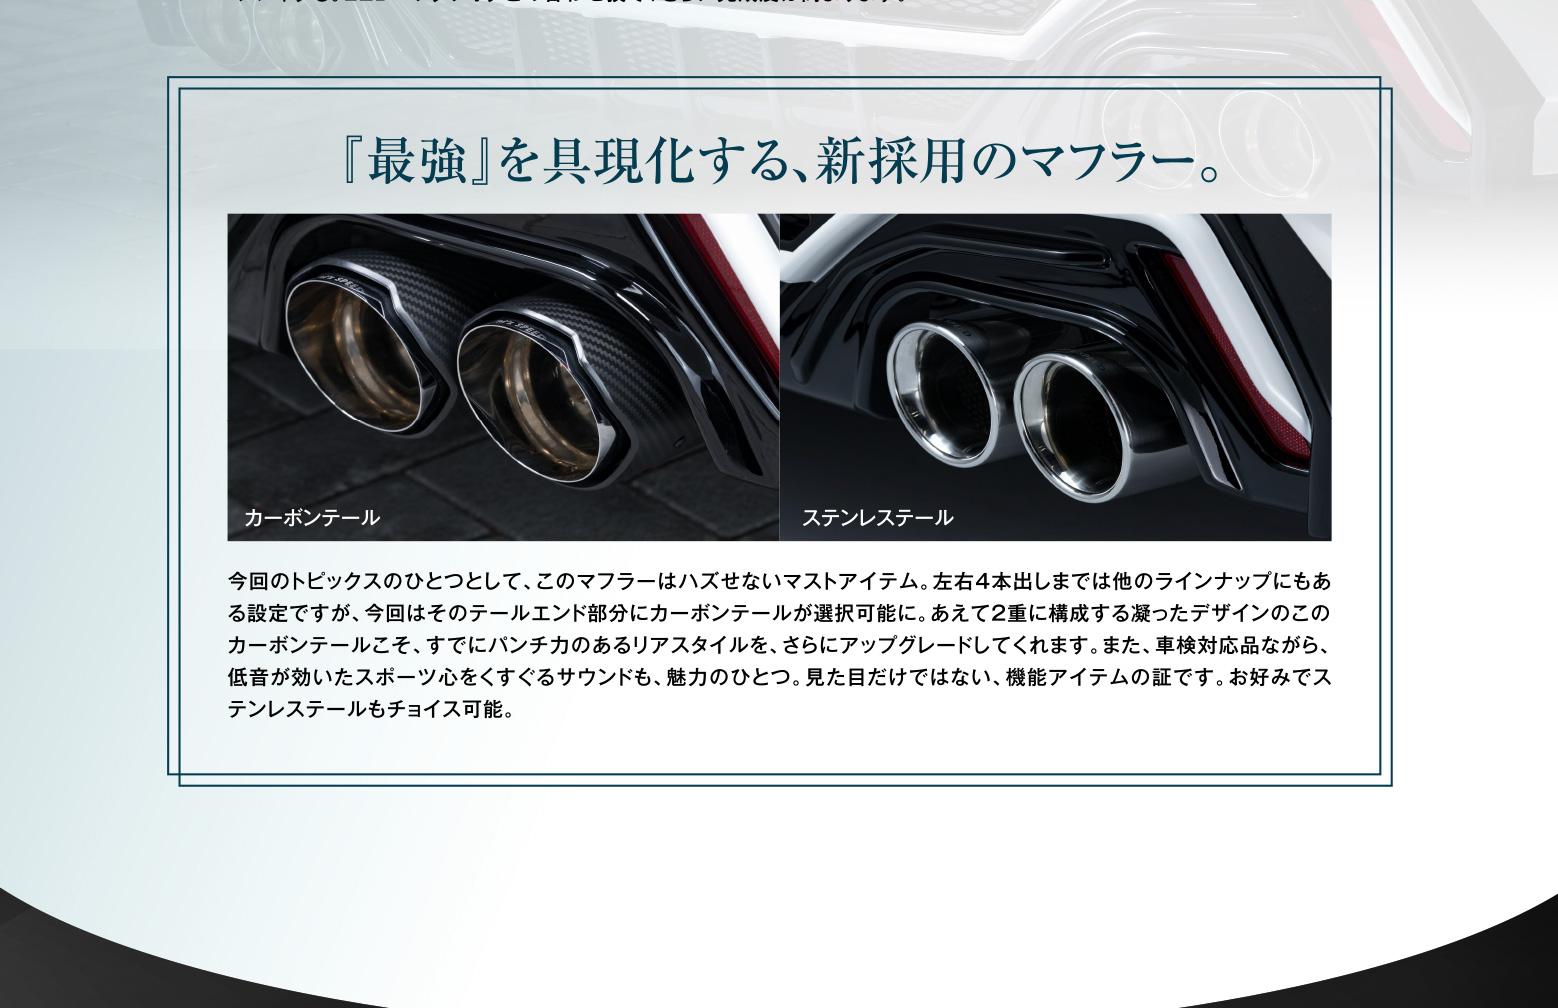 『最強』を具現化する、新採用のマフラー。今回のトピックスのひとつとして、このマフラーはハズせないマストアイテム。左右4本出しまでは他のラインナップにもある設定ですが、今回はそのテールエンド部分にカーボンテールが選択可能に。     あえて2重に構成する凝ったデザインのこのカーボンテールこそ、すでにパンチ力のあるリアスタイルを、さらにアップグレードしてくれます。また、車検対応品ながら、低音が効いたスポーツ心をくすぐるサウンドも、魅力のひとつ。見た目だけではない、機能アイテムの証です。お好みでステンレステールもチョイス可能。